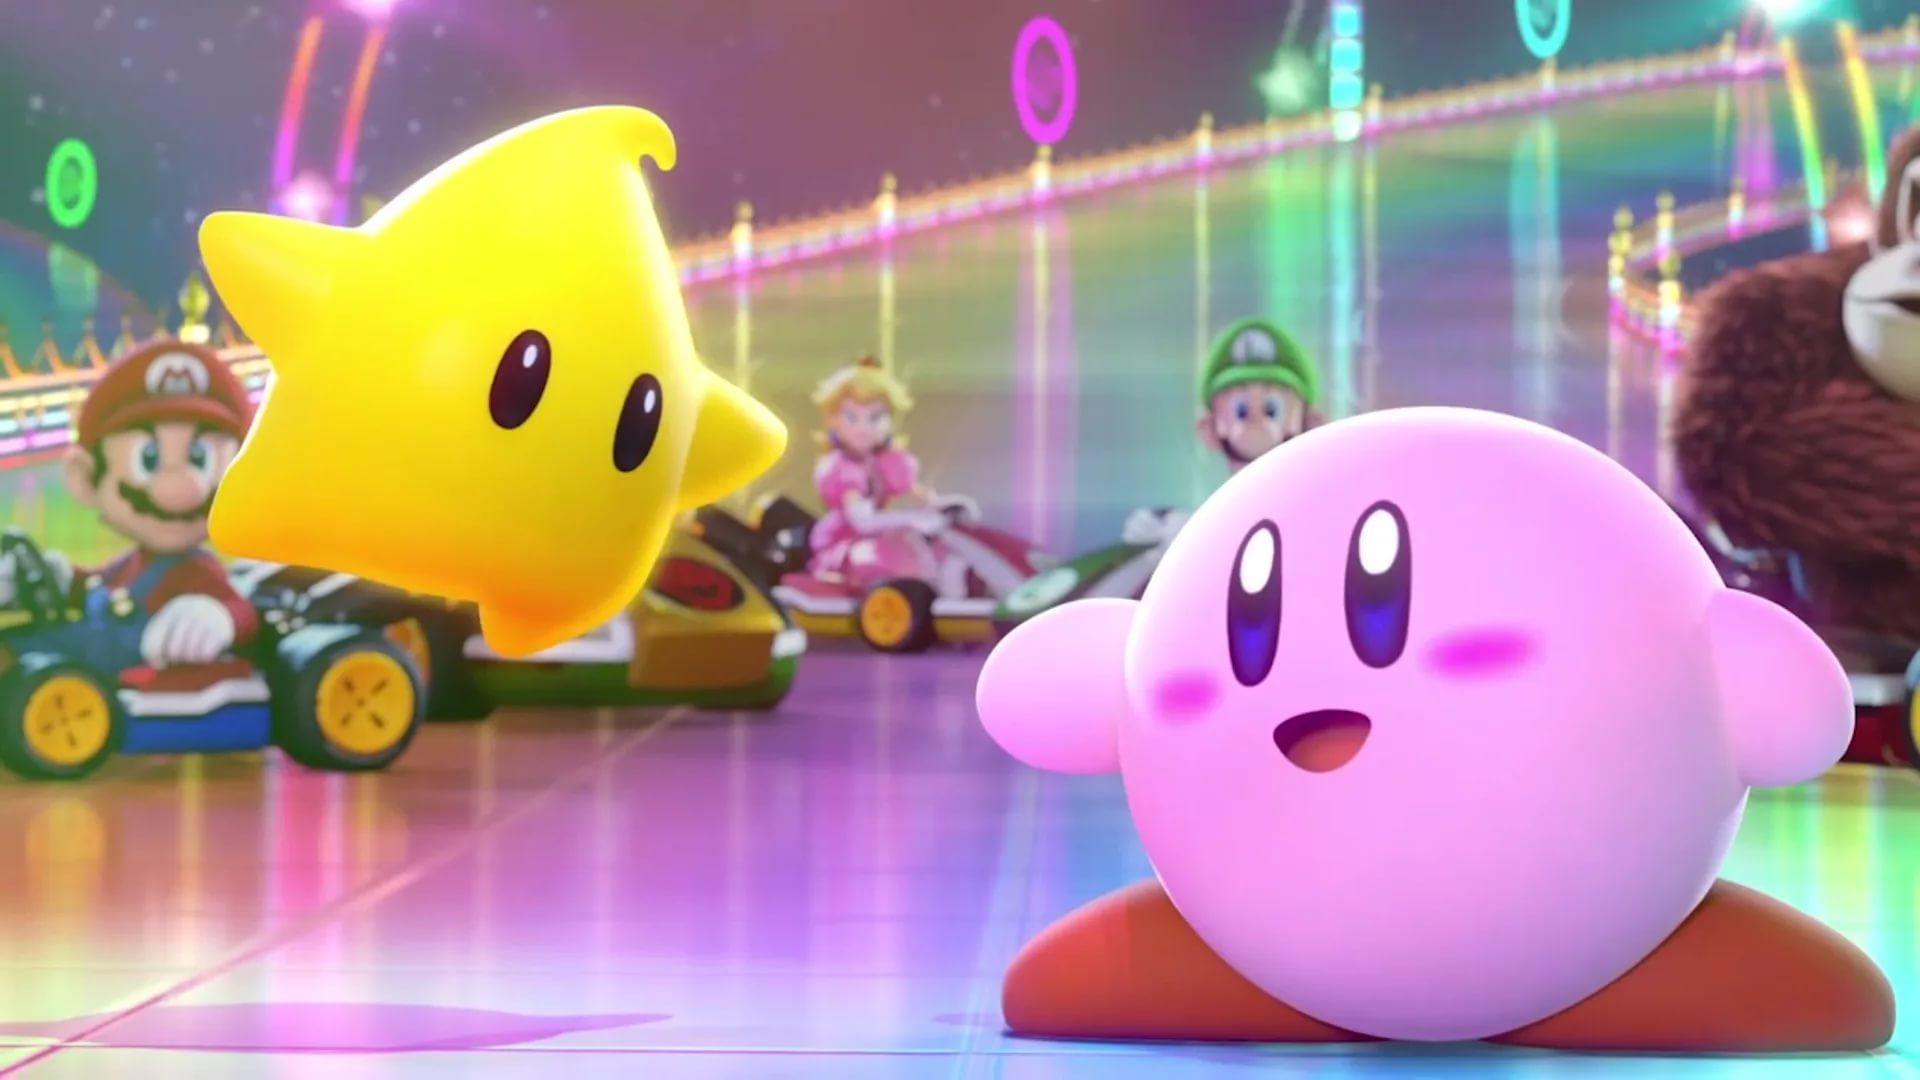 Kirby good wallpaper hd